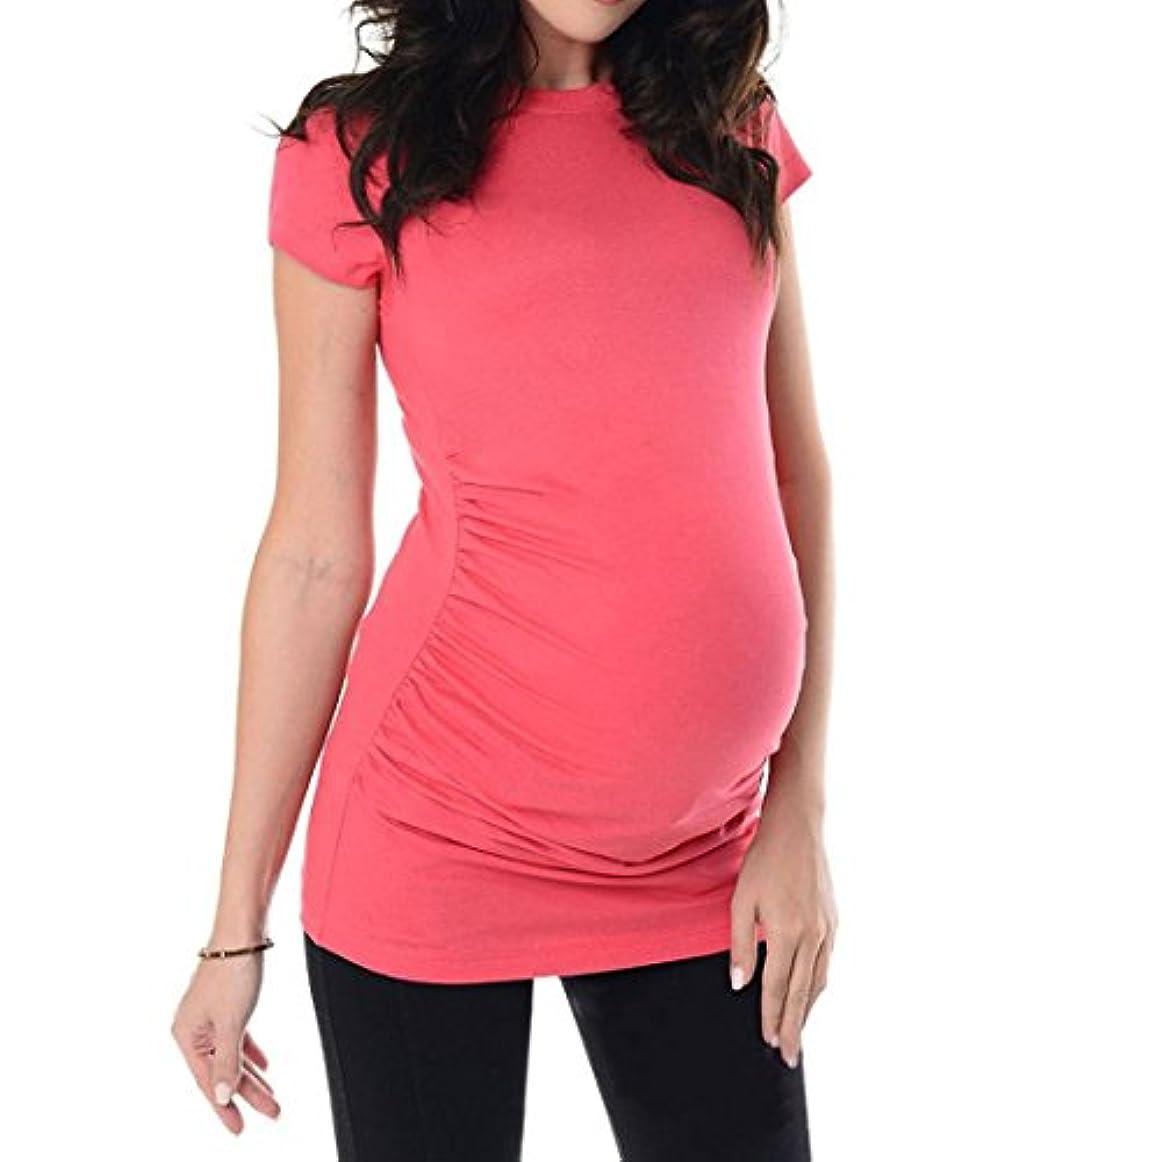 ロデオ興味からSakuraBest Pregnant Women's Summer Short Sleeves Maternity Solid Long T Shirt